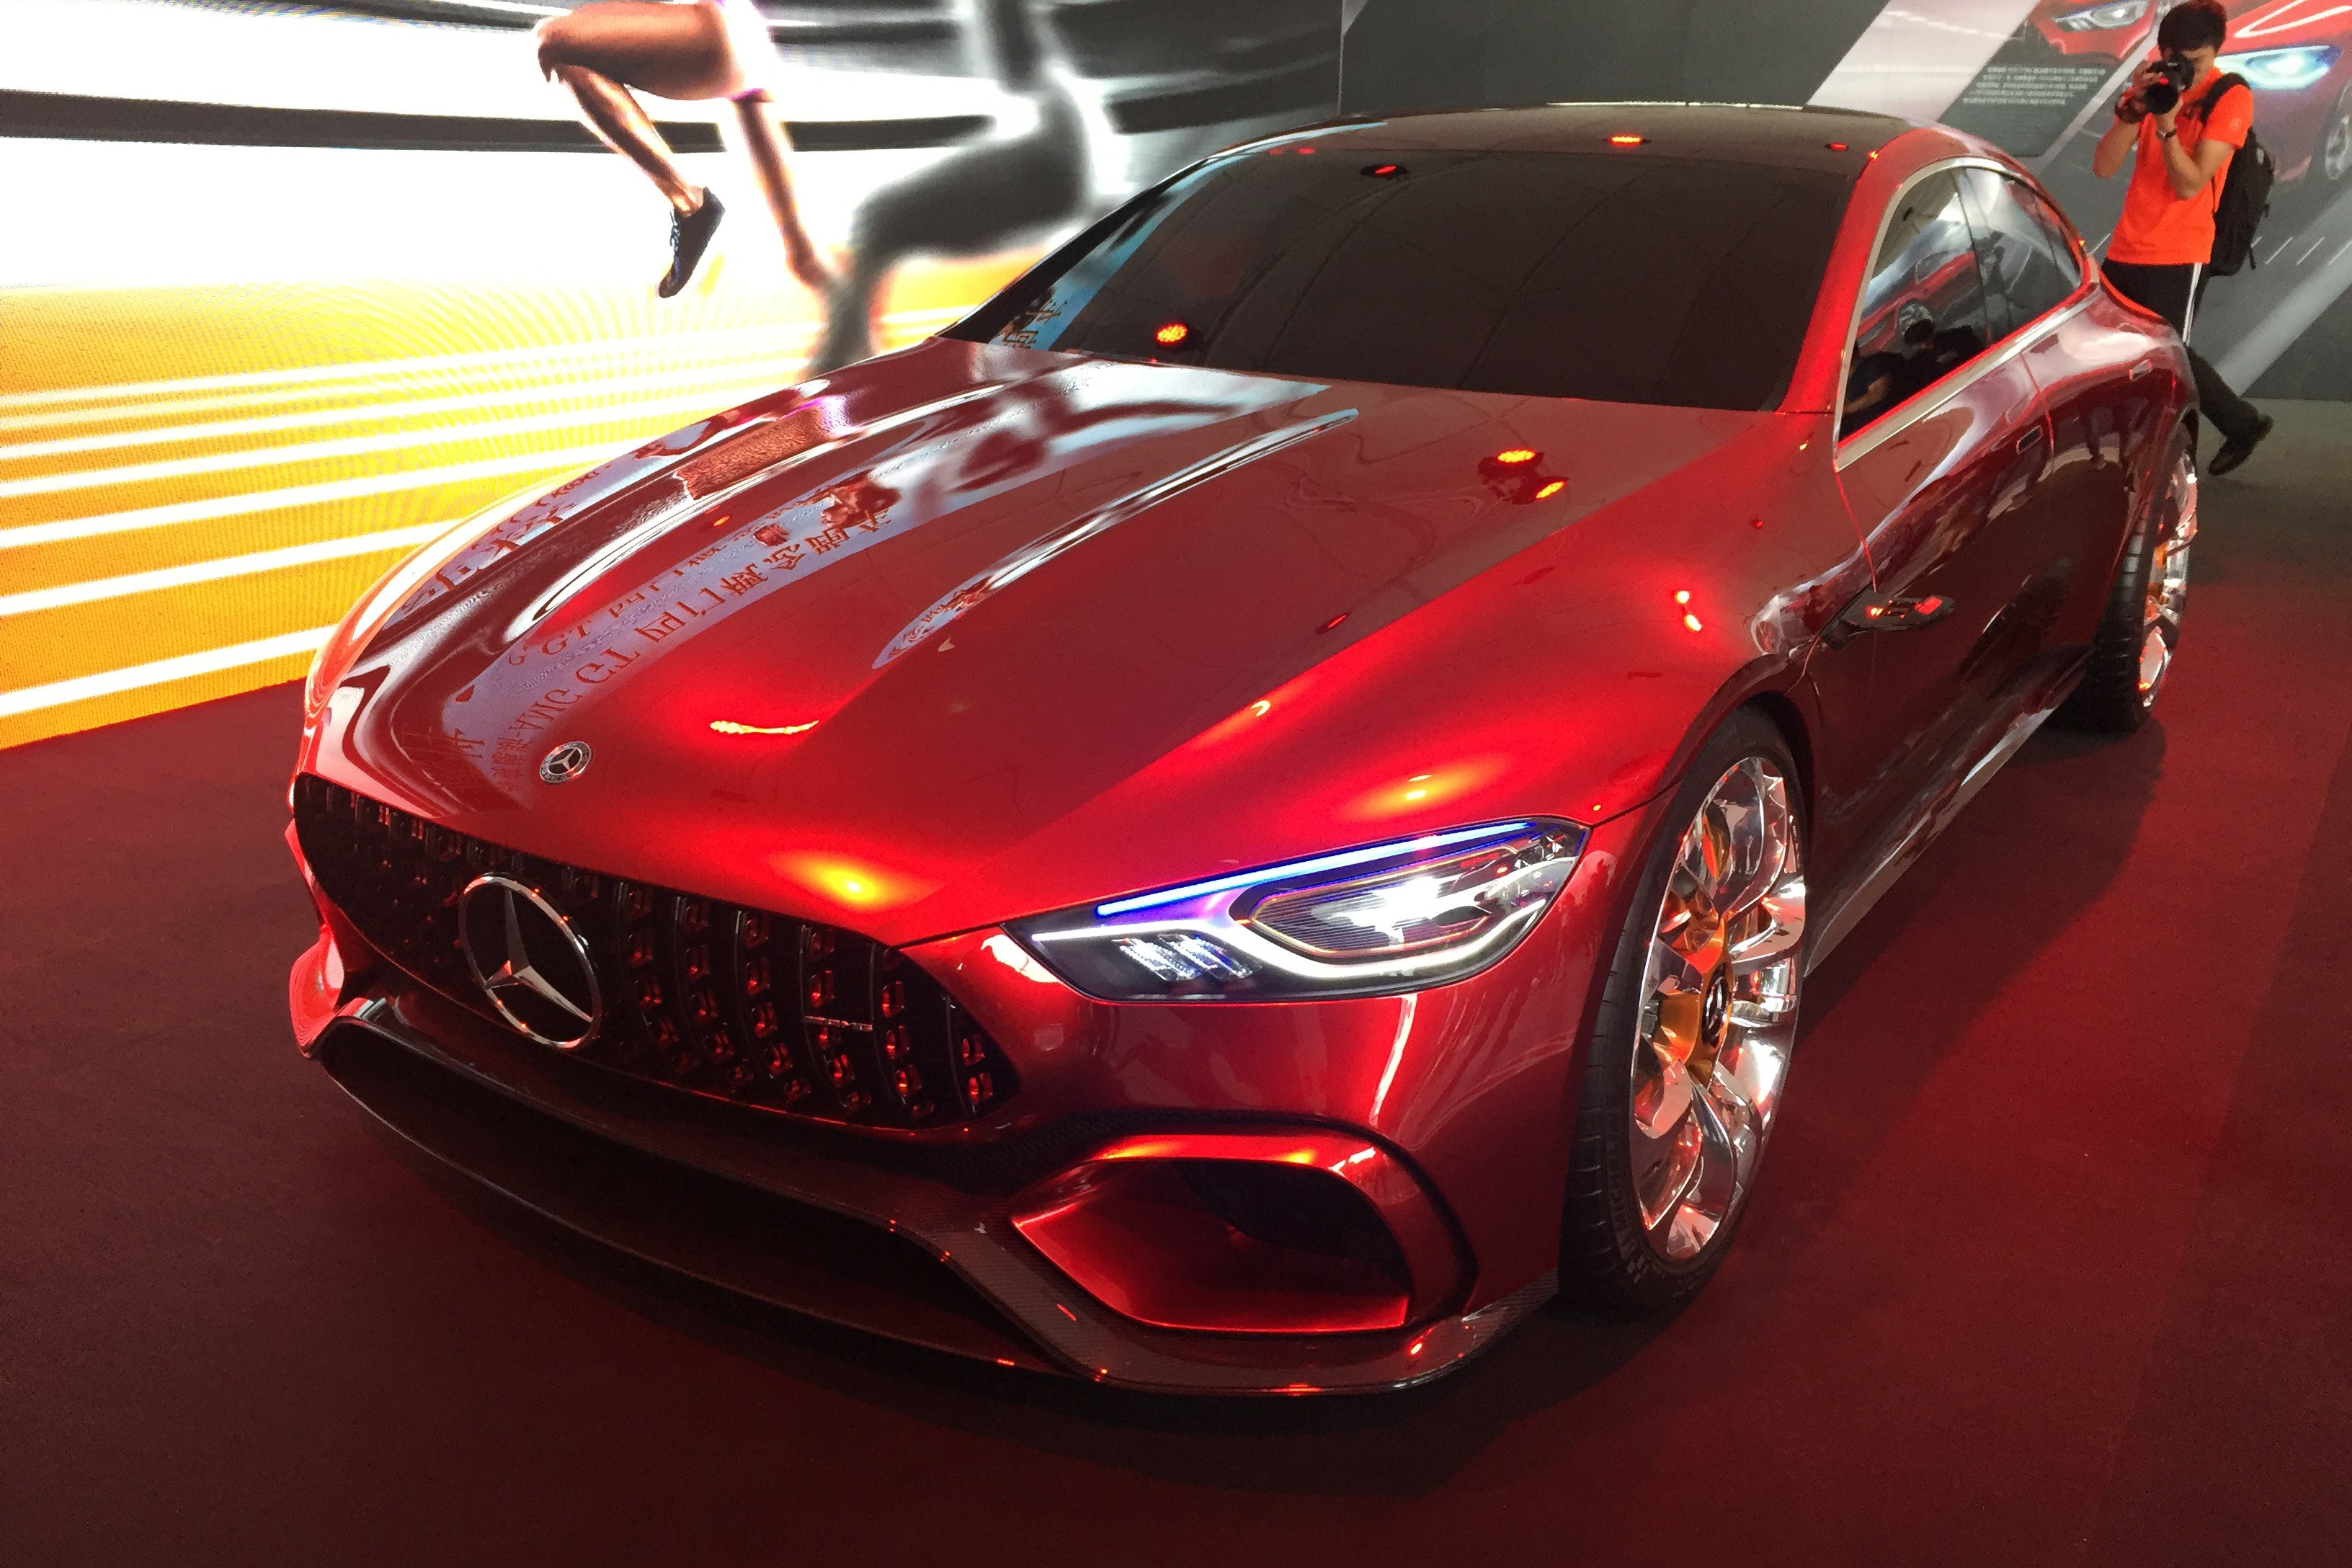 奔驰AMG GT概念亮相中国 3秒内破百/混合动力驱动